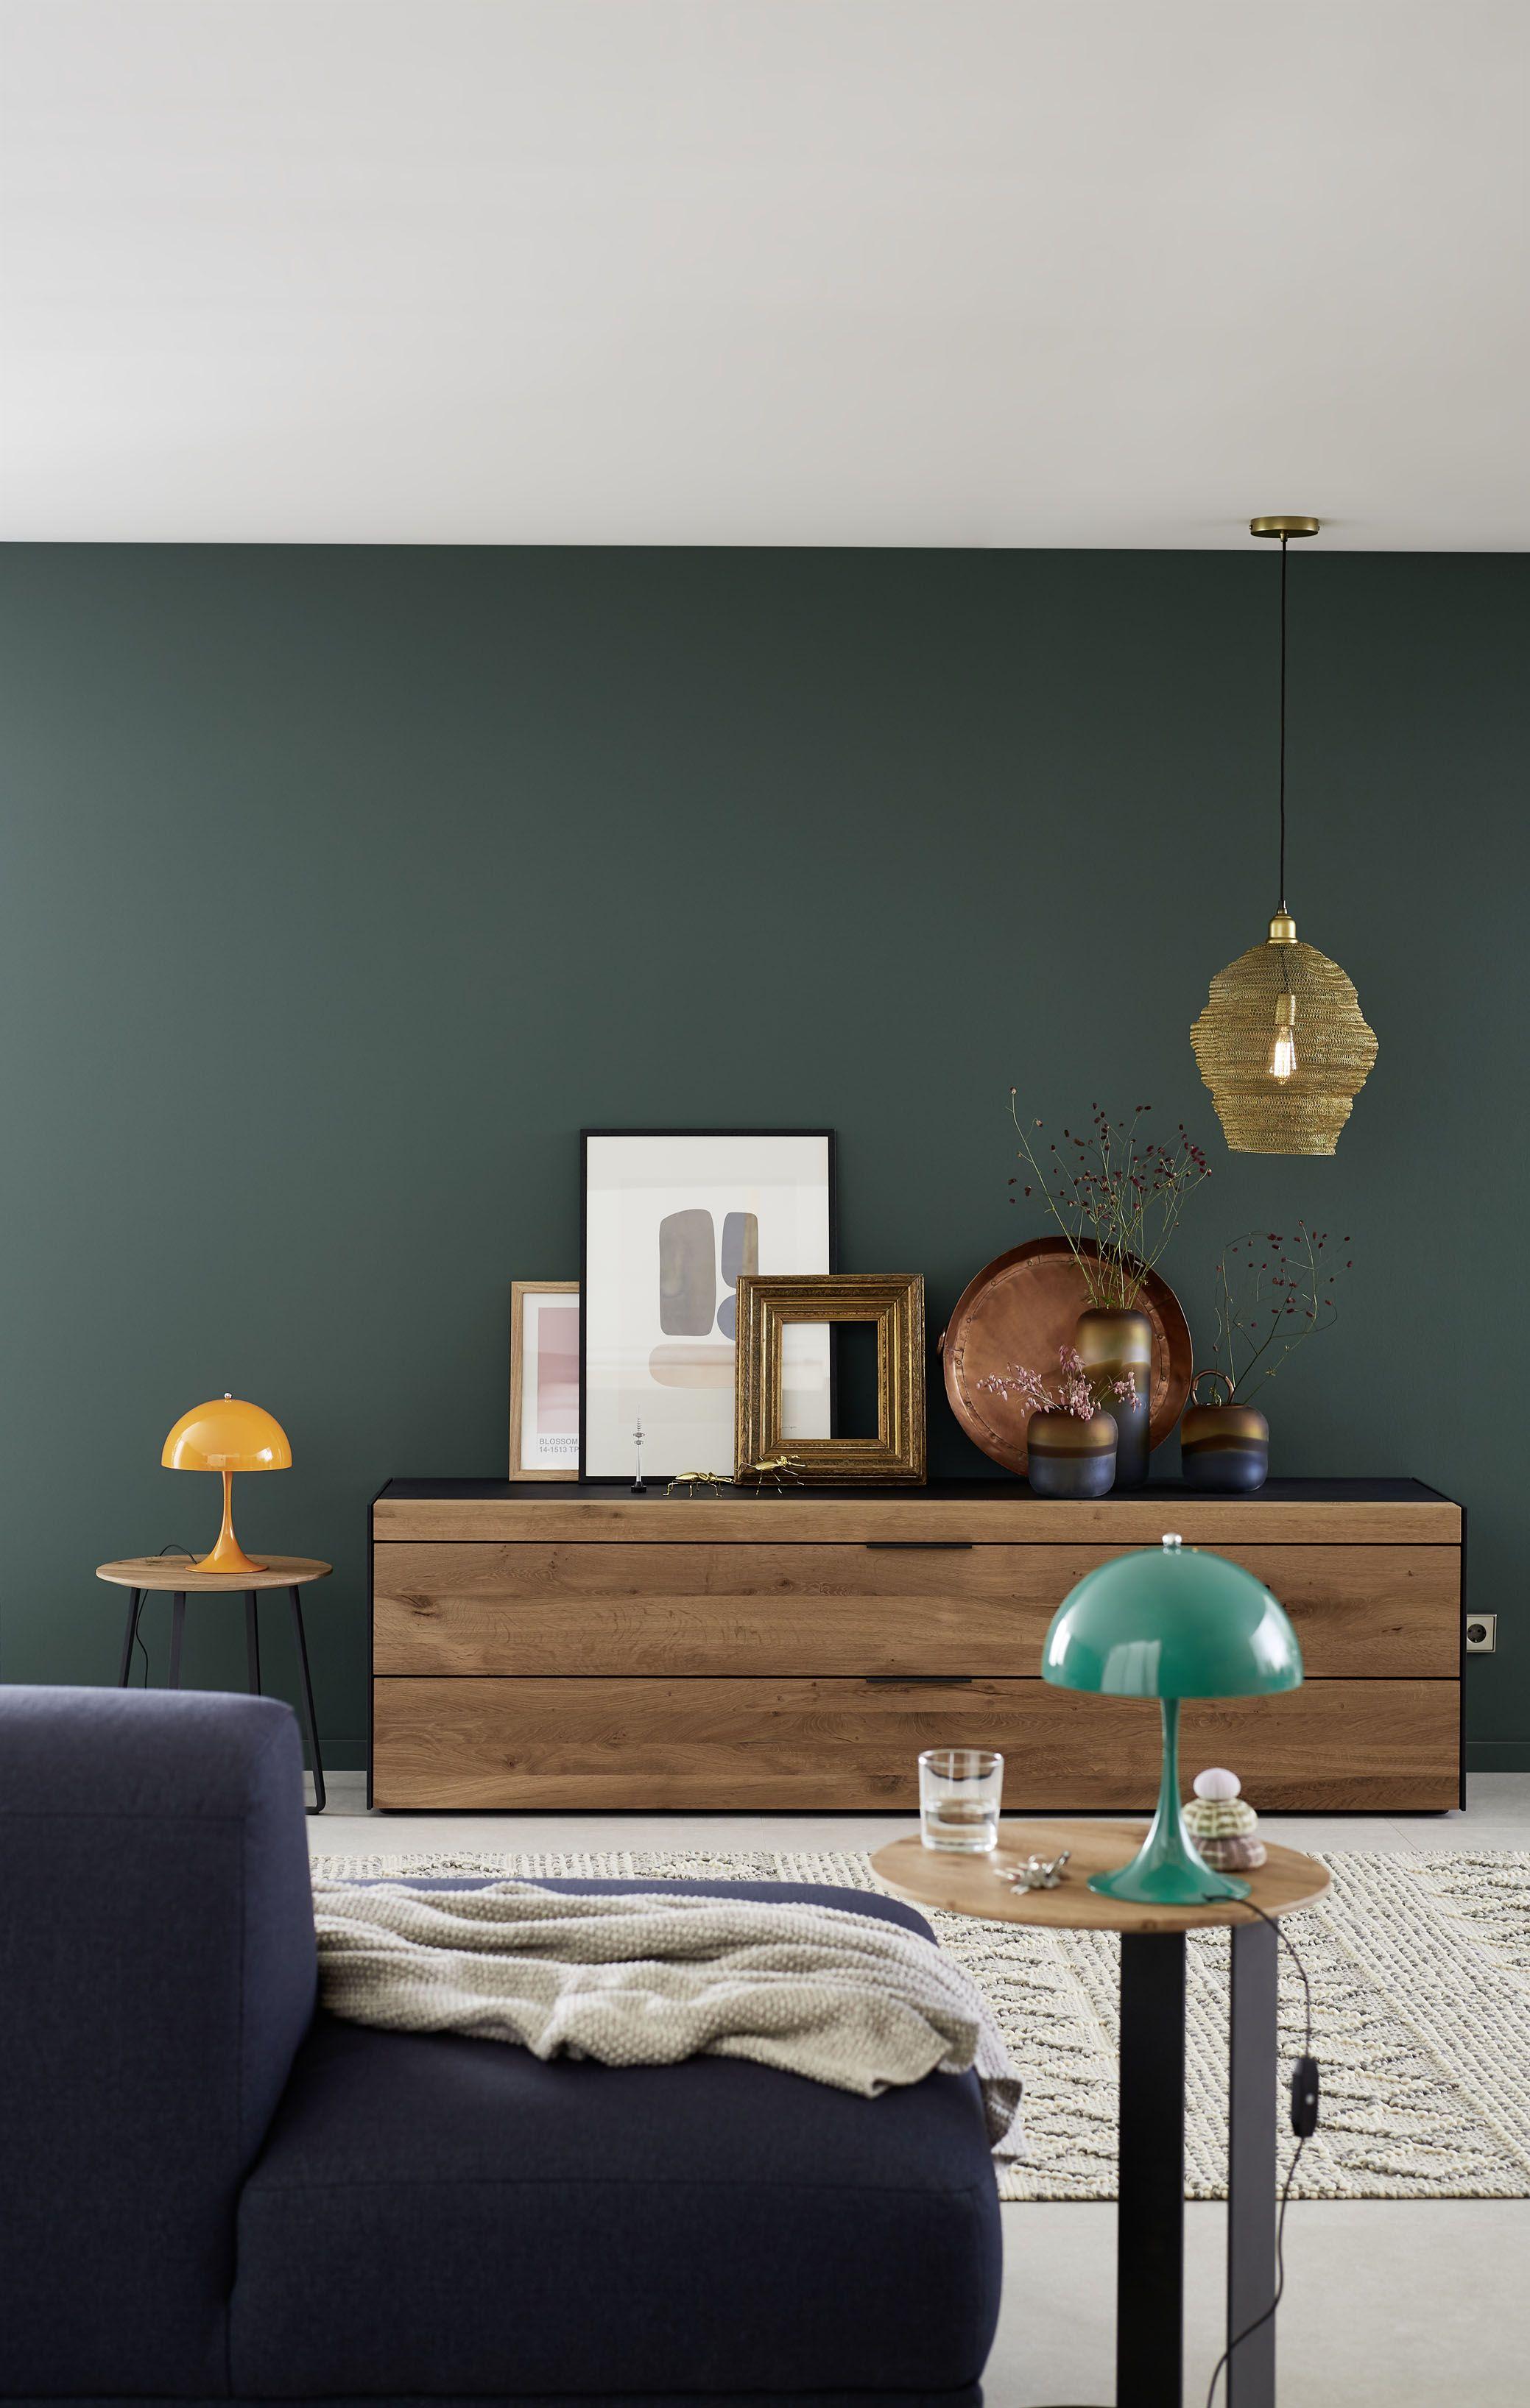 SchÖner Wohnen Kollektion Designfarbe Besinnliches WaldgrÜn Schöner Wohnen Wohnzimmer Wohnzimmer Farbe Wohnzimmerfarbe